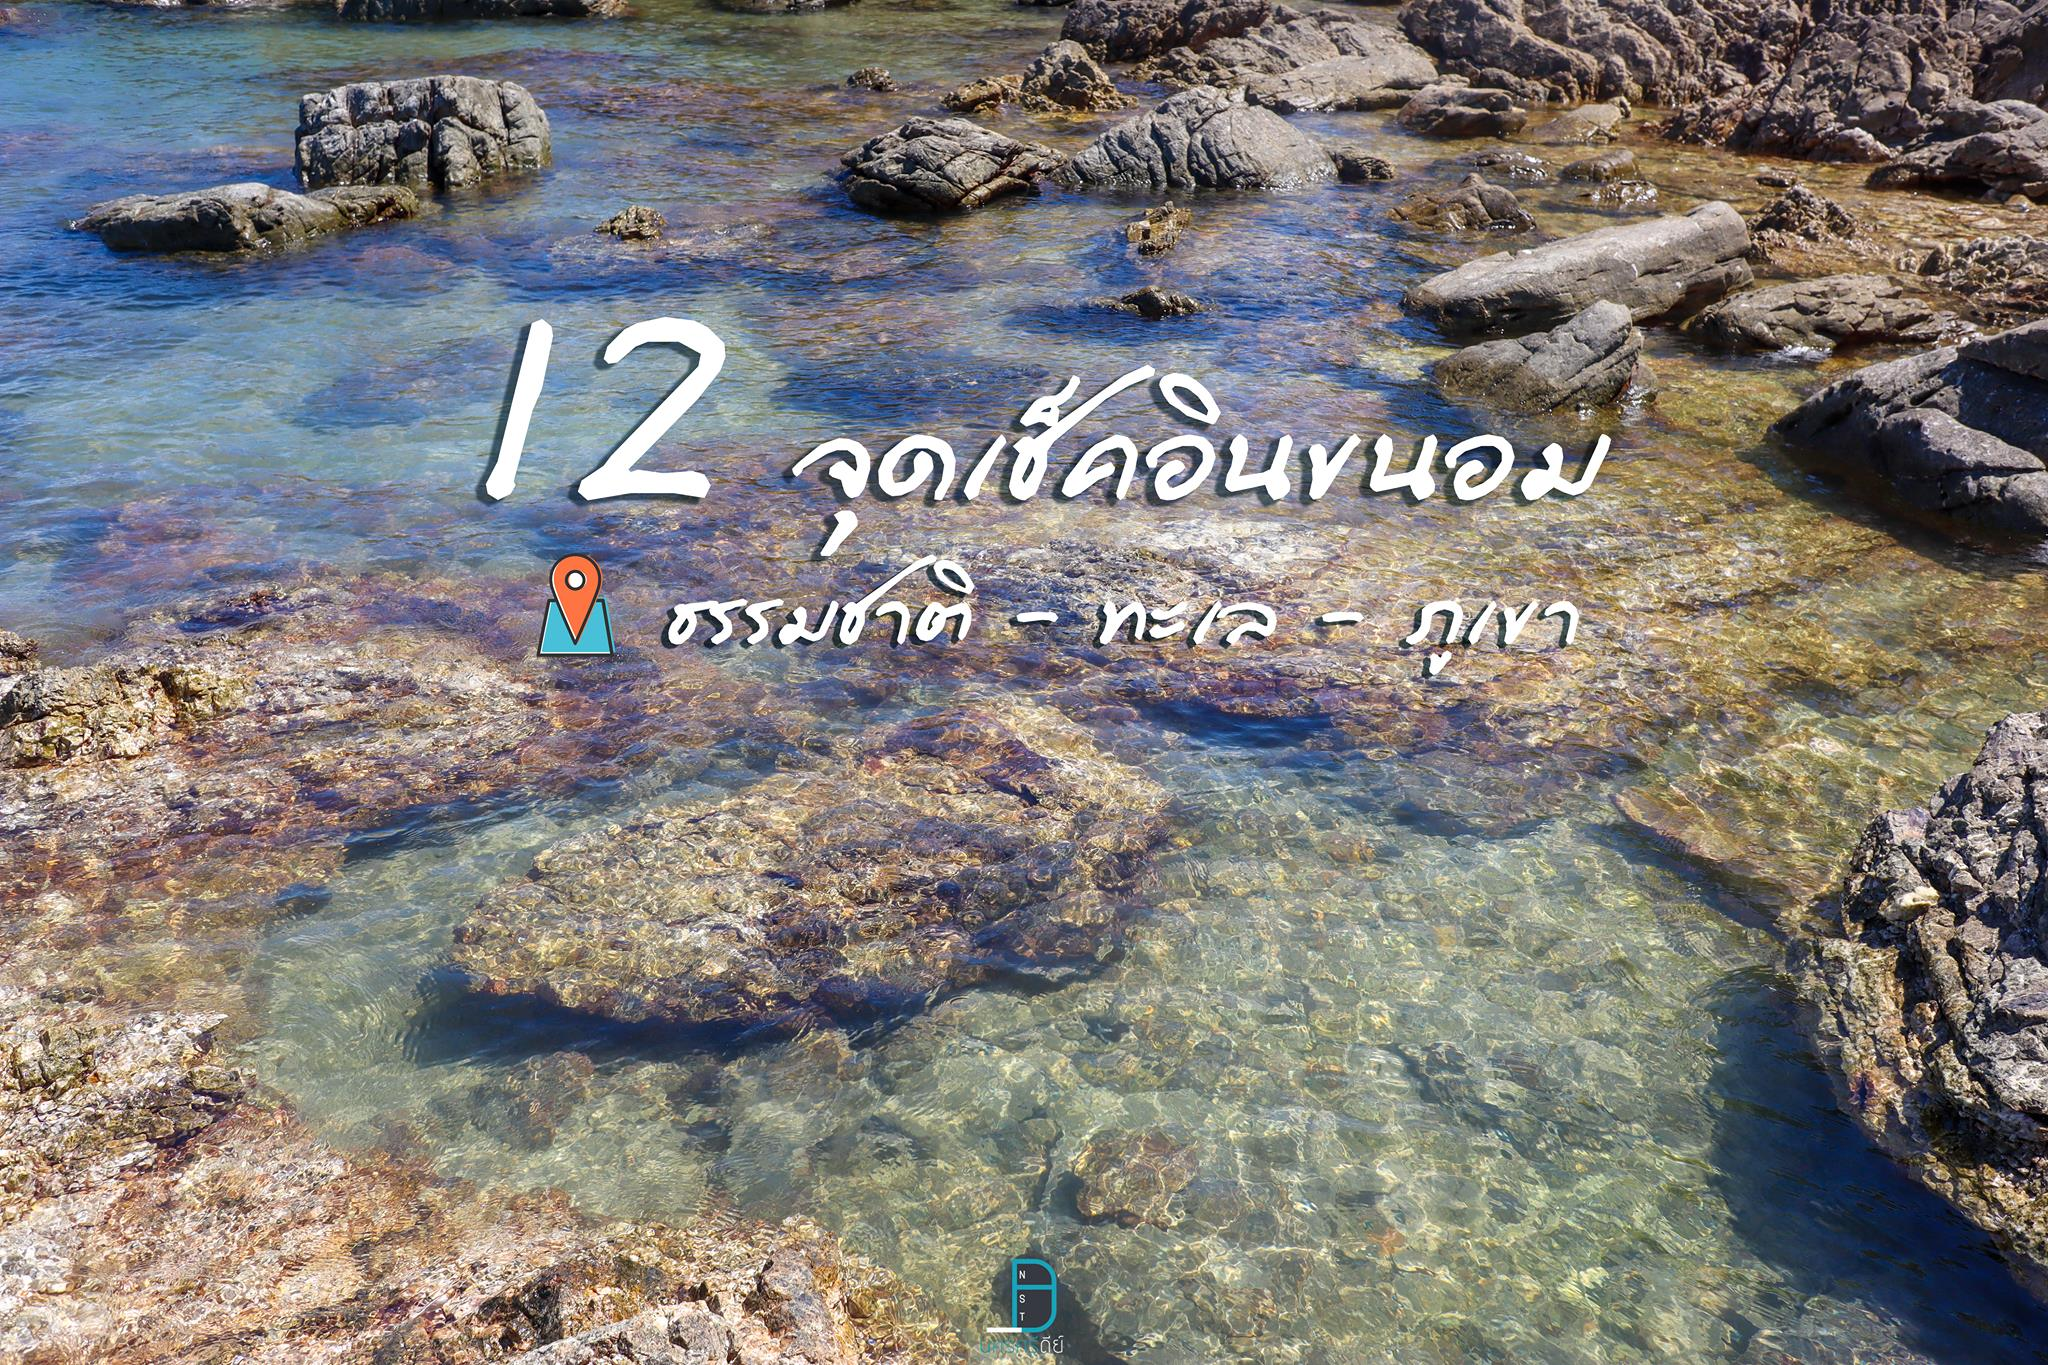 12 จุดเช็คอินขนอม นครศรีธรรมราช ธรรมชาติ ทะเล ภูเขา